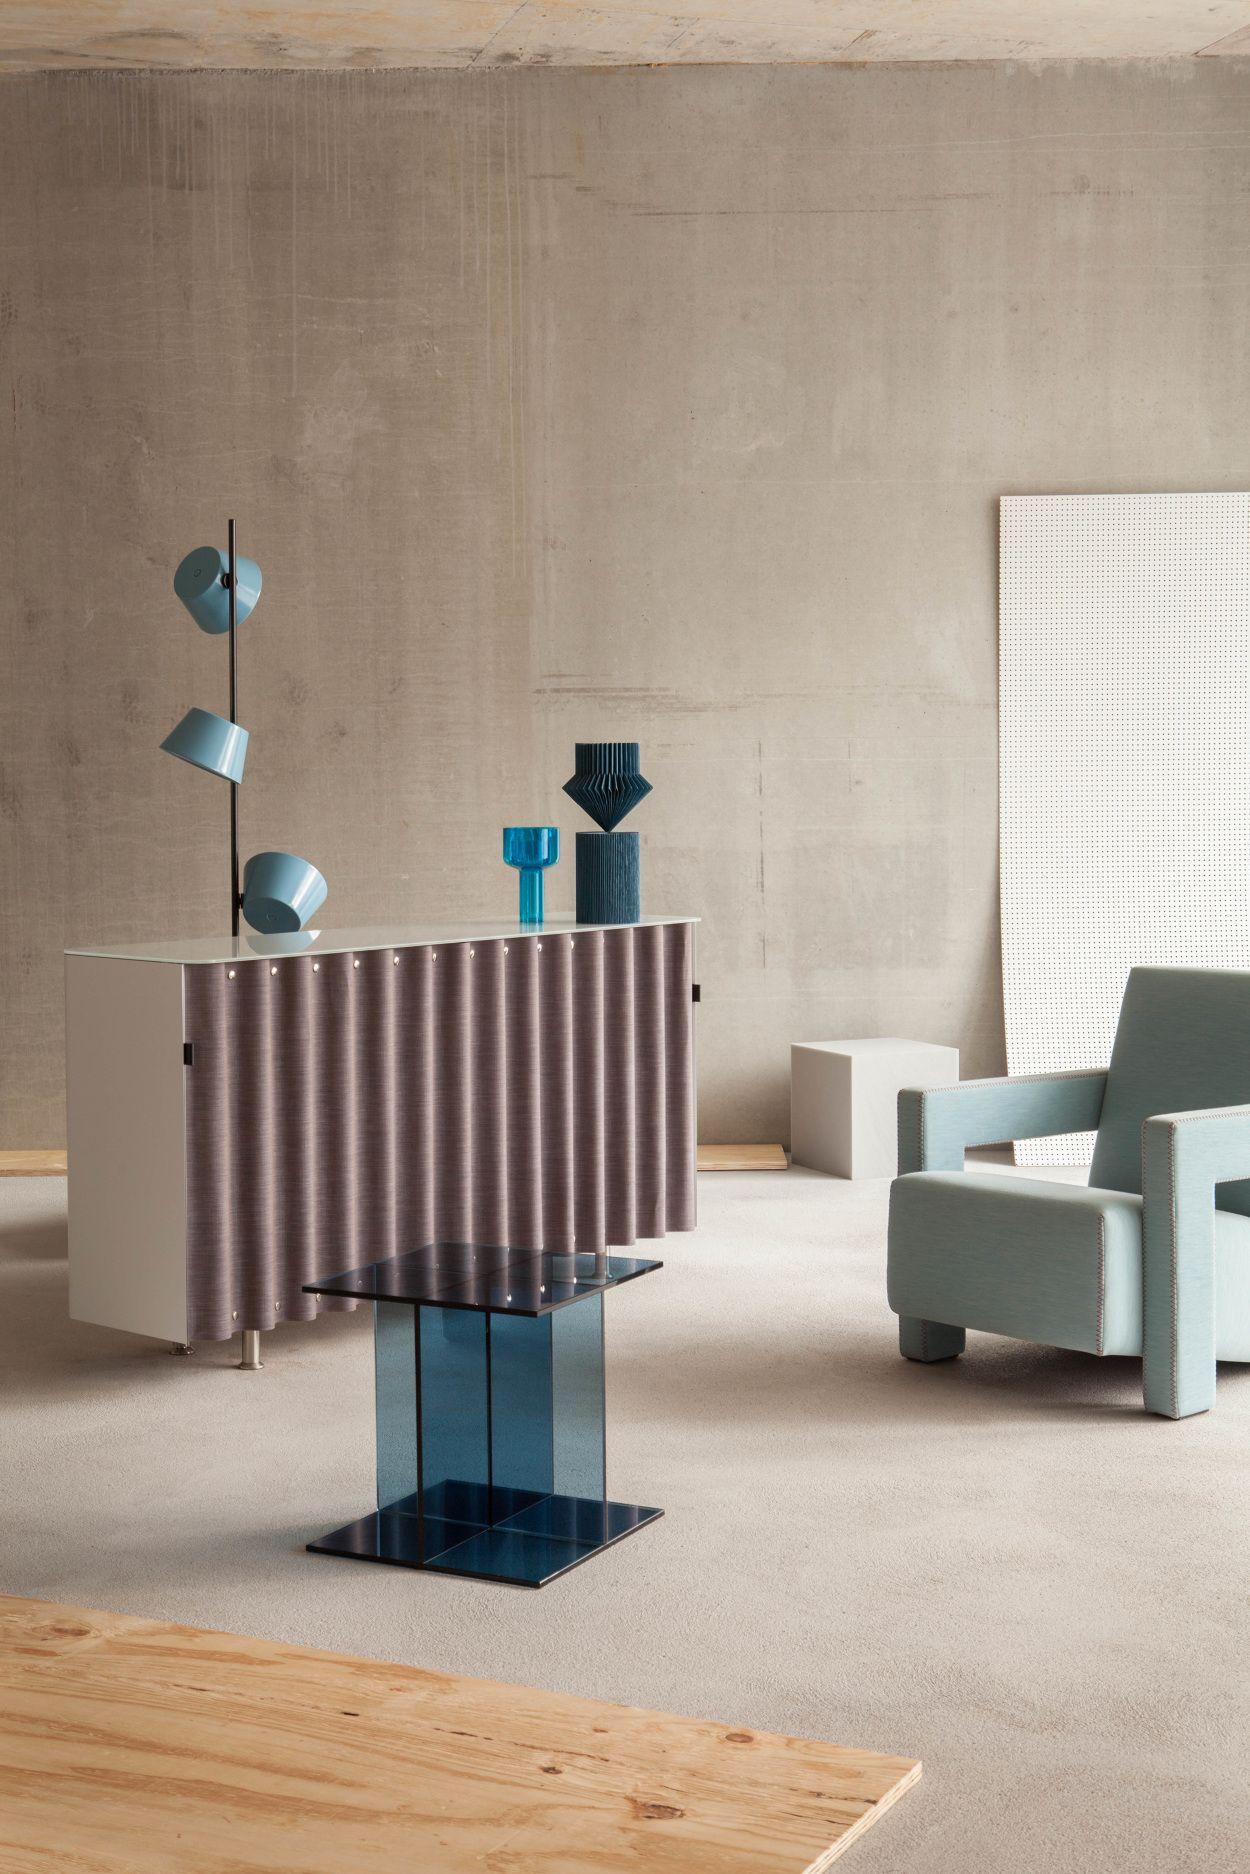 Studio Lardo for NZZ \'Z\' Magazin - Studio Lardo | interior ...